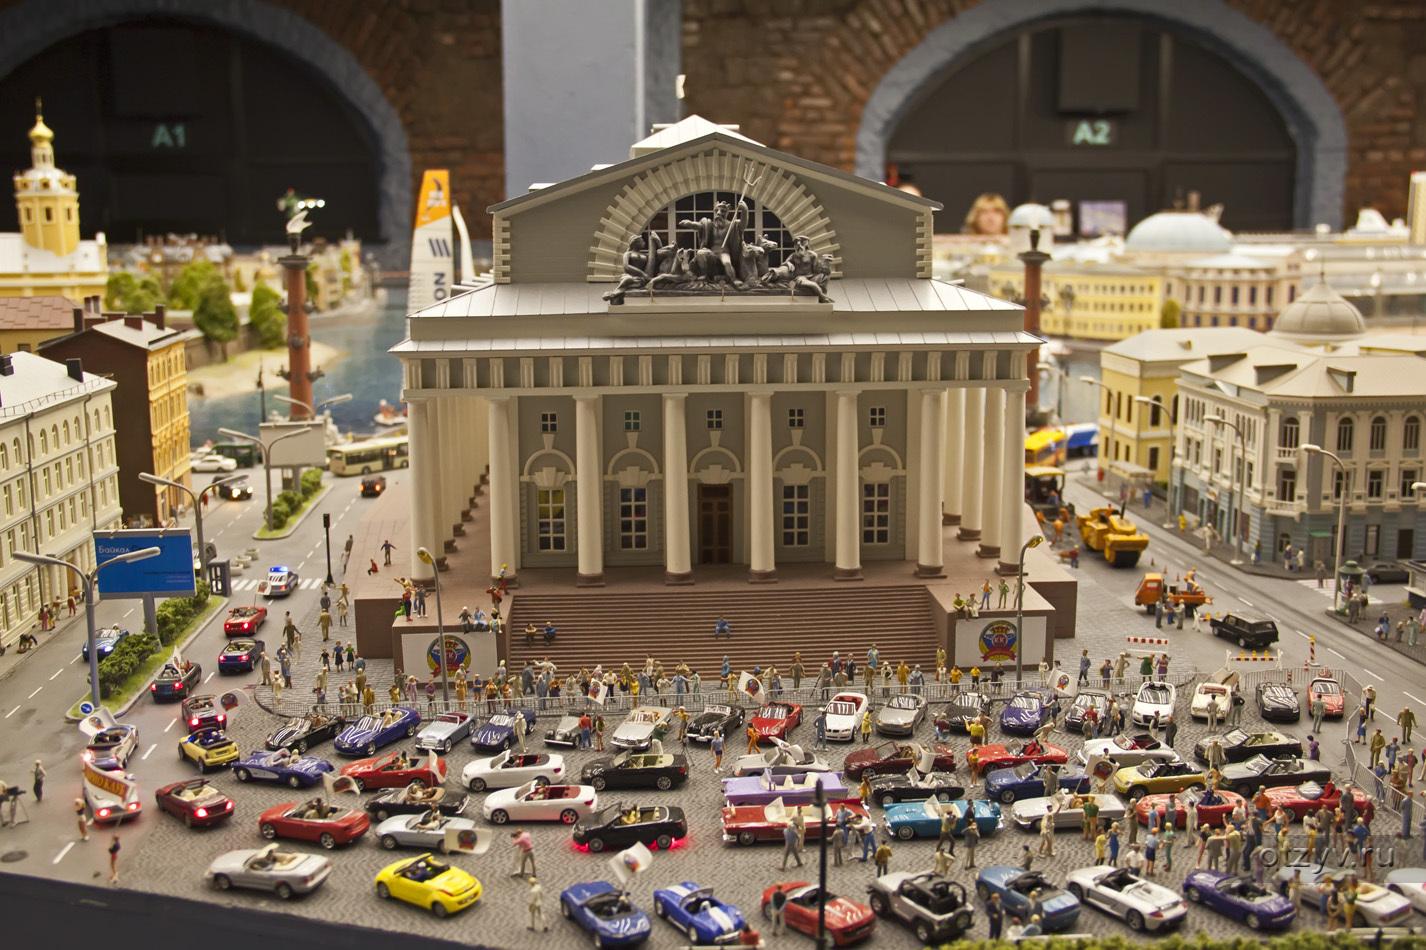 музей миниатюр в санкт петербурге фото инстаграме